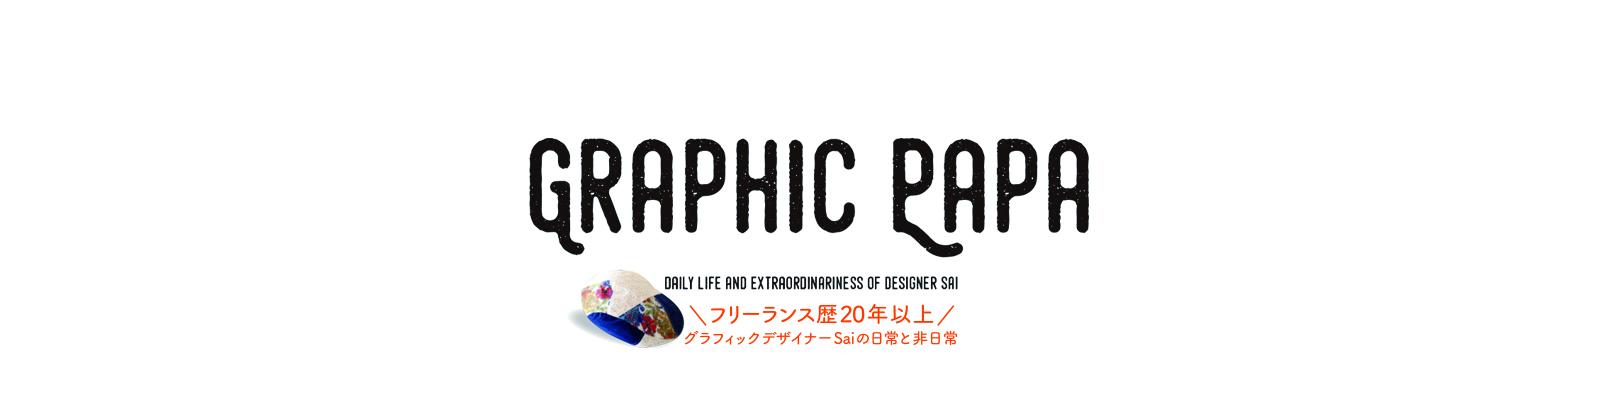 GRAPHIC PAPA デザイナーSaiの日常と非日常